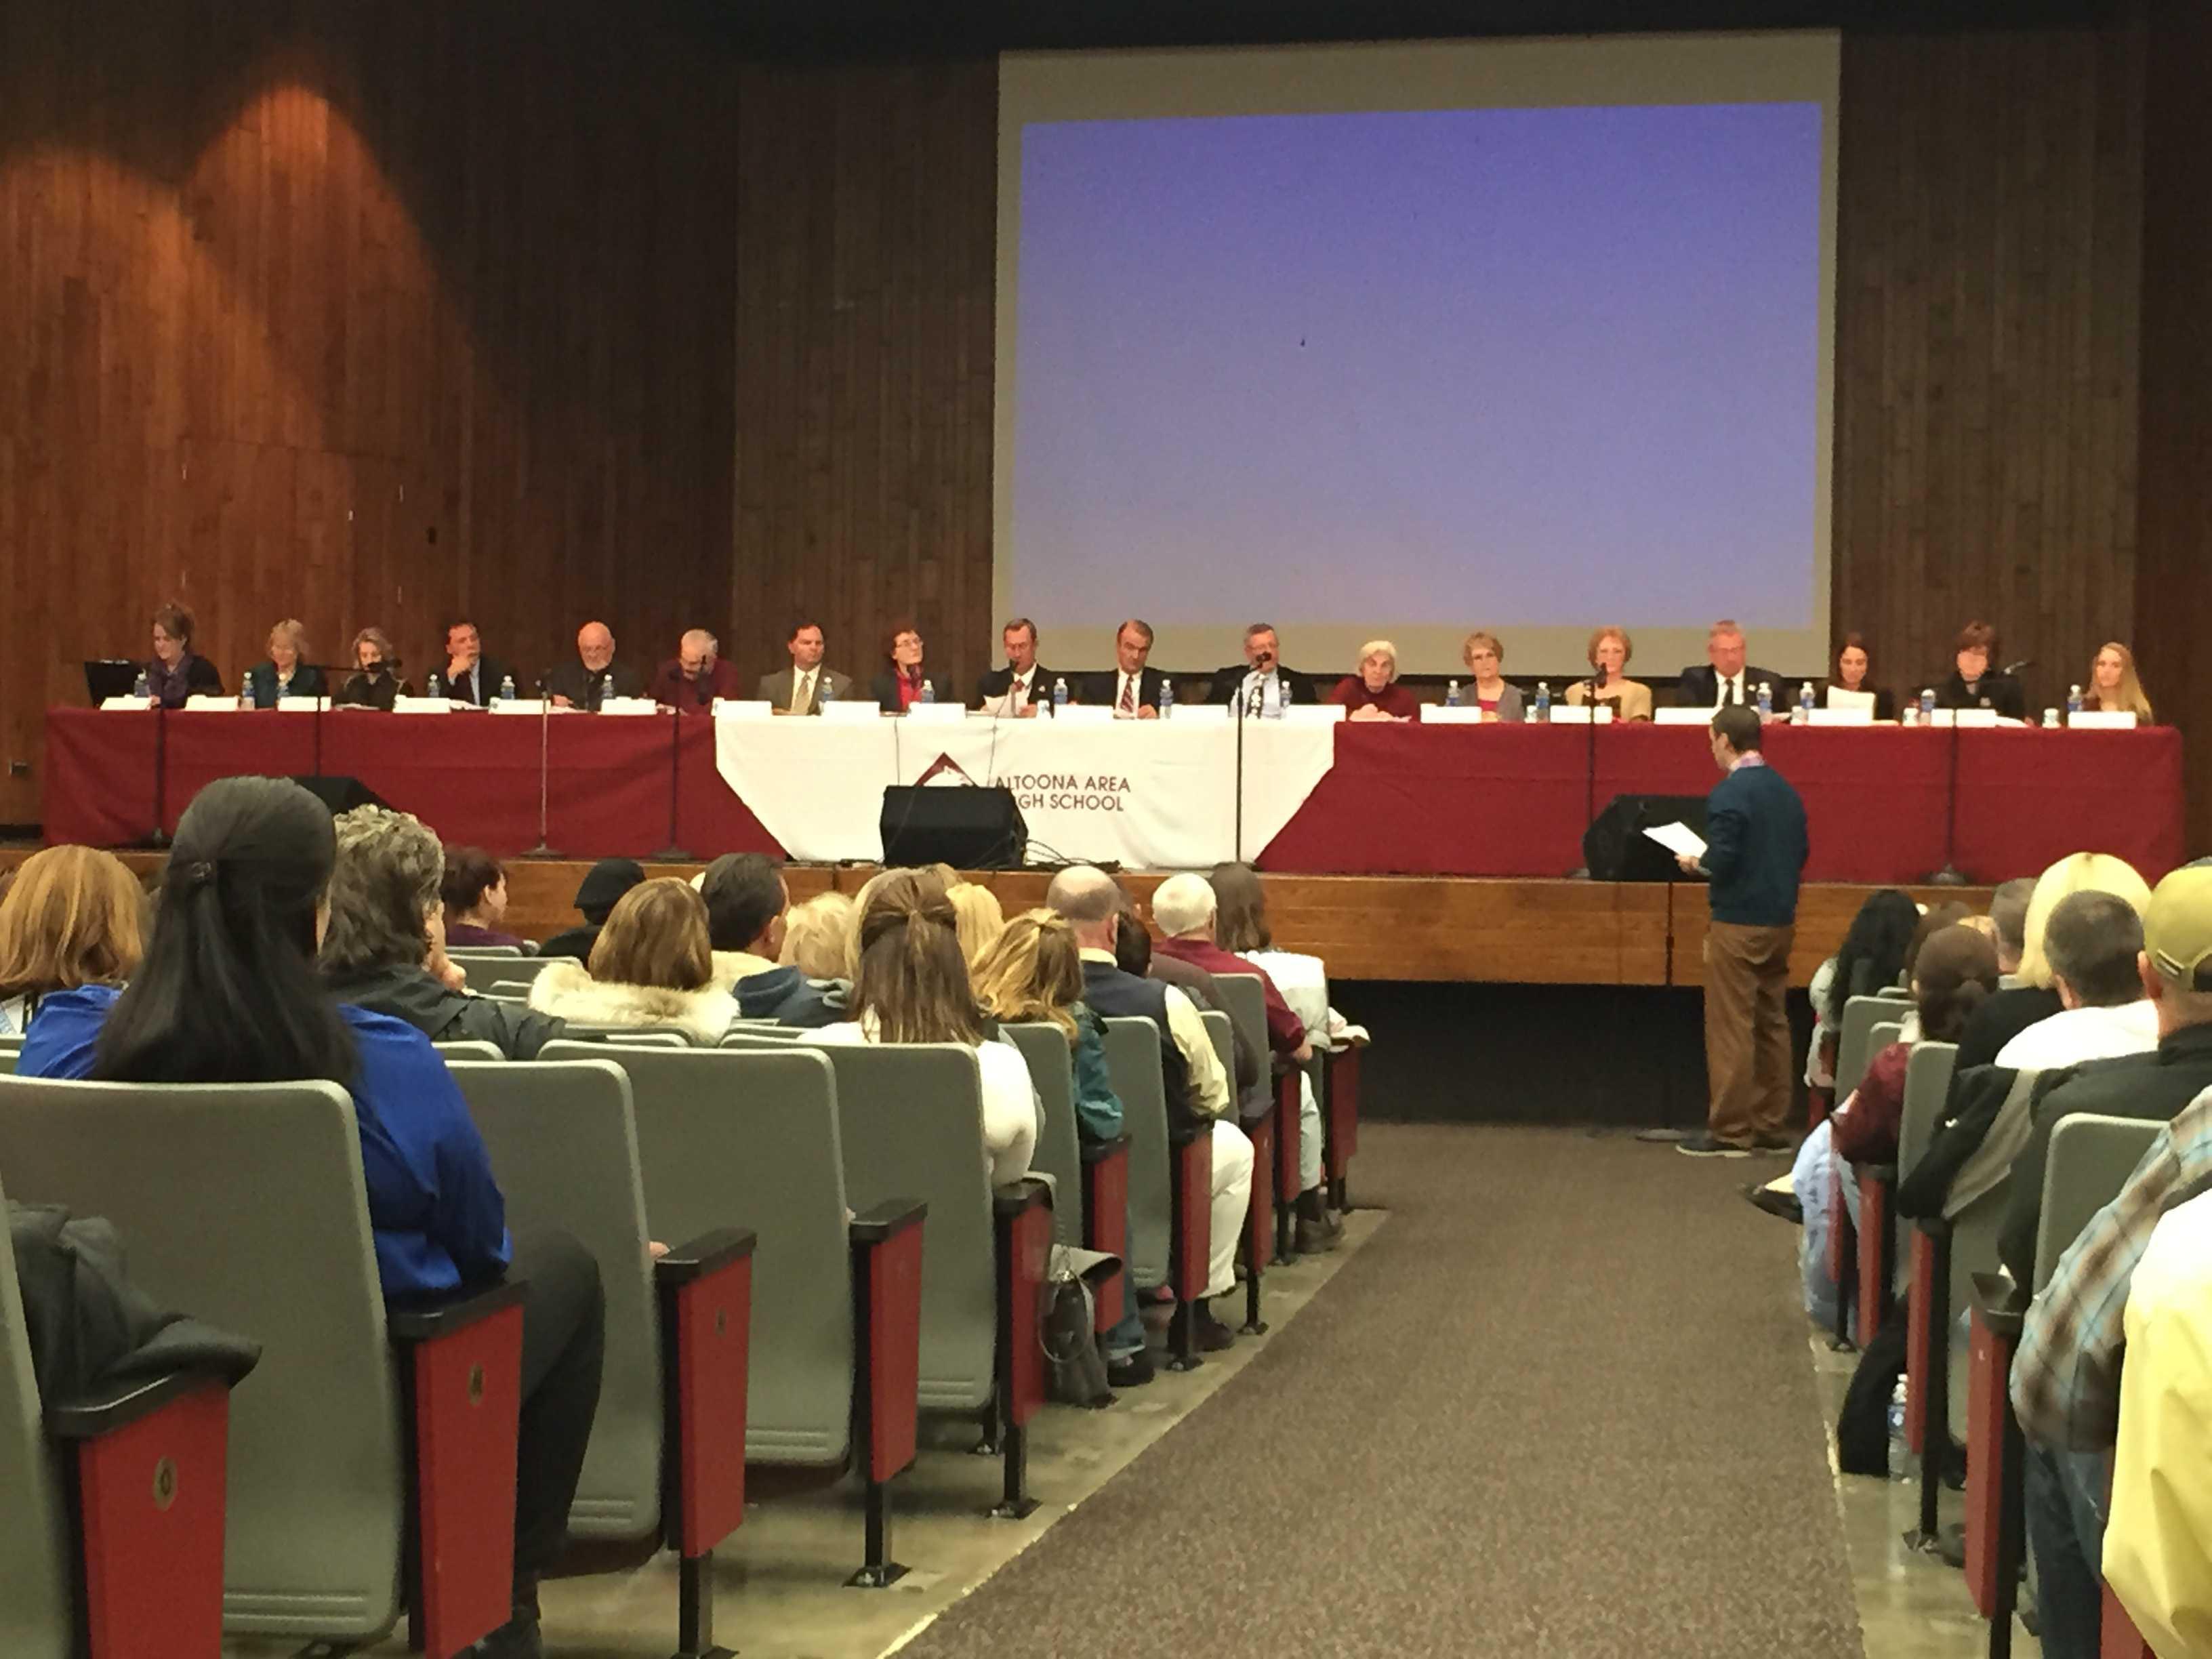 James Krug speaks out during the School Board meeting on Jan. 20